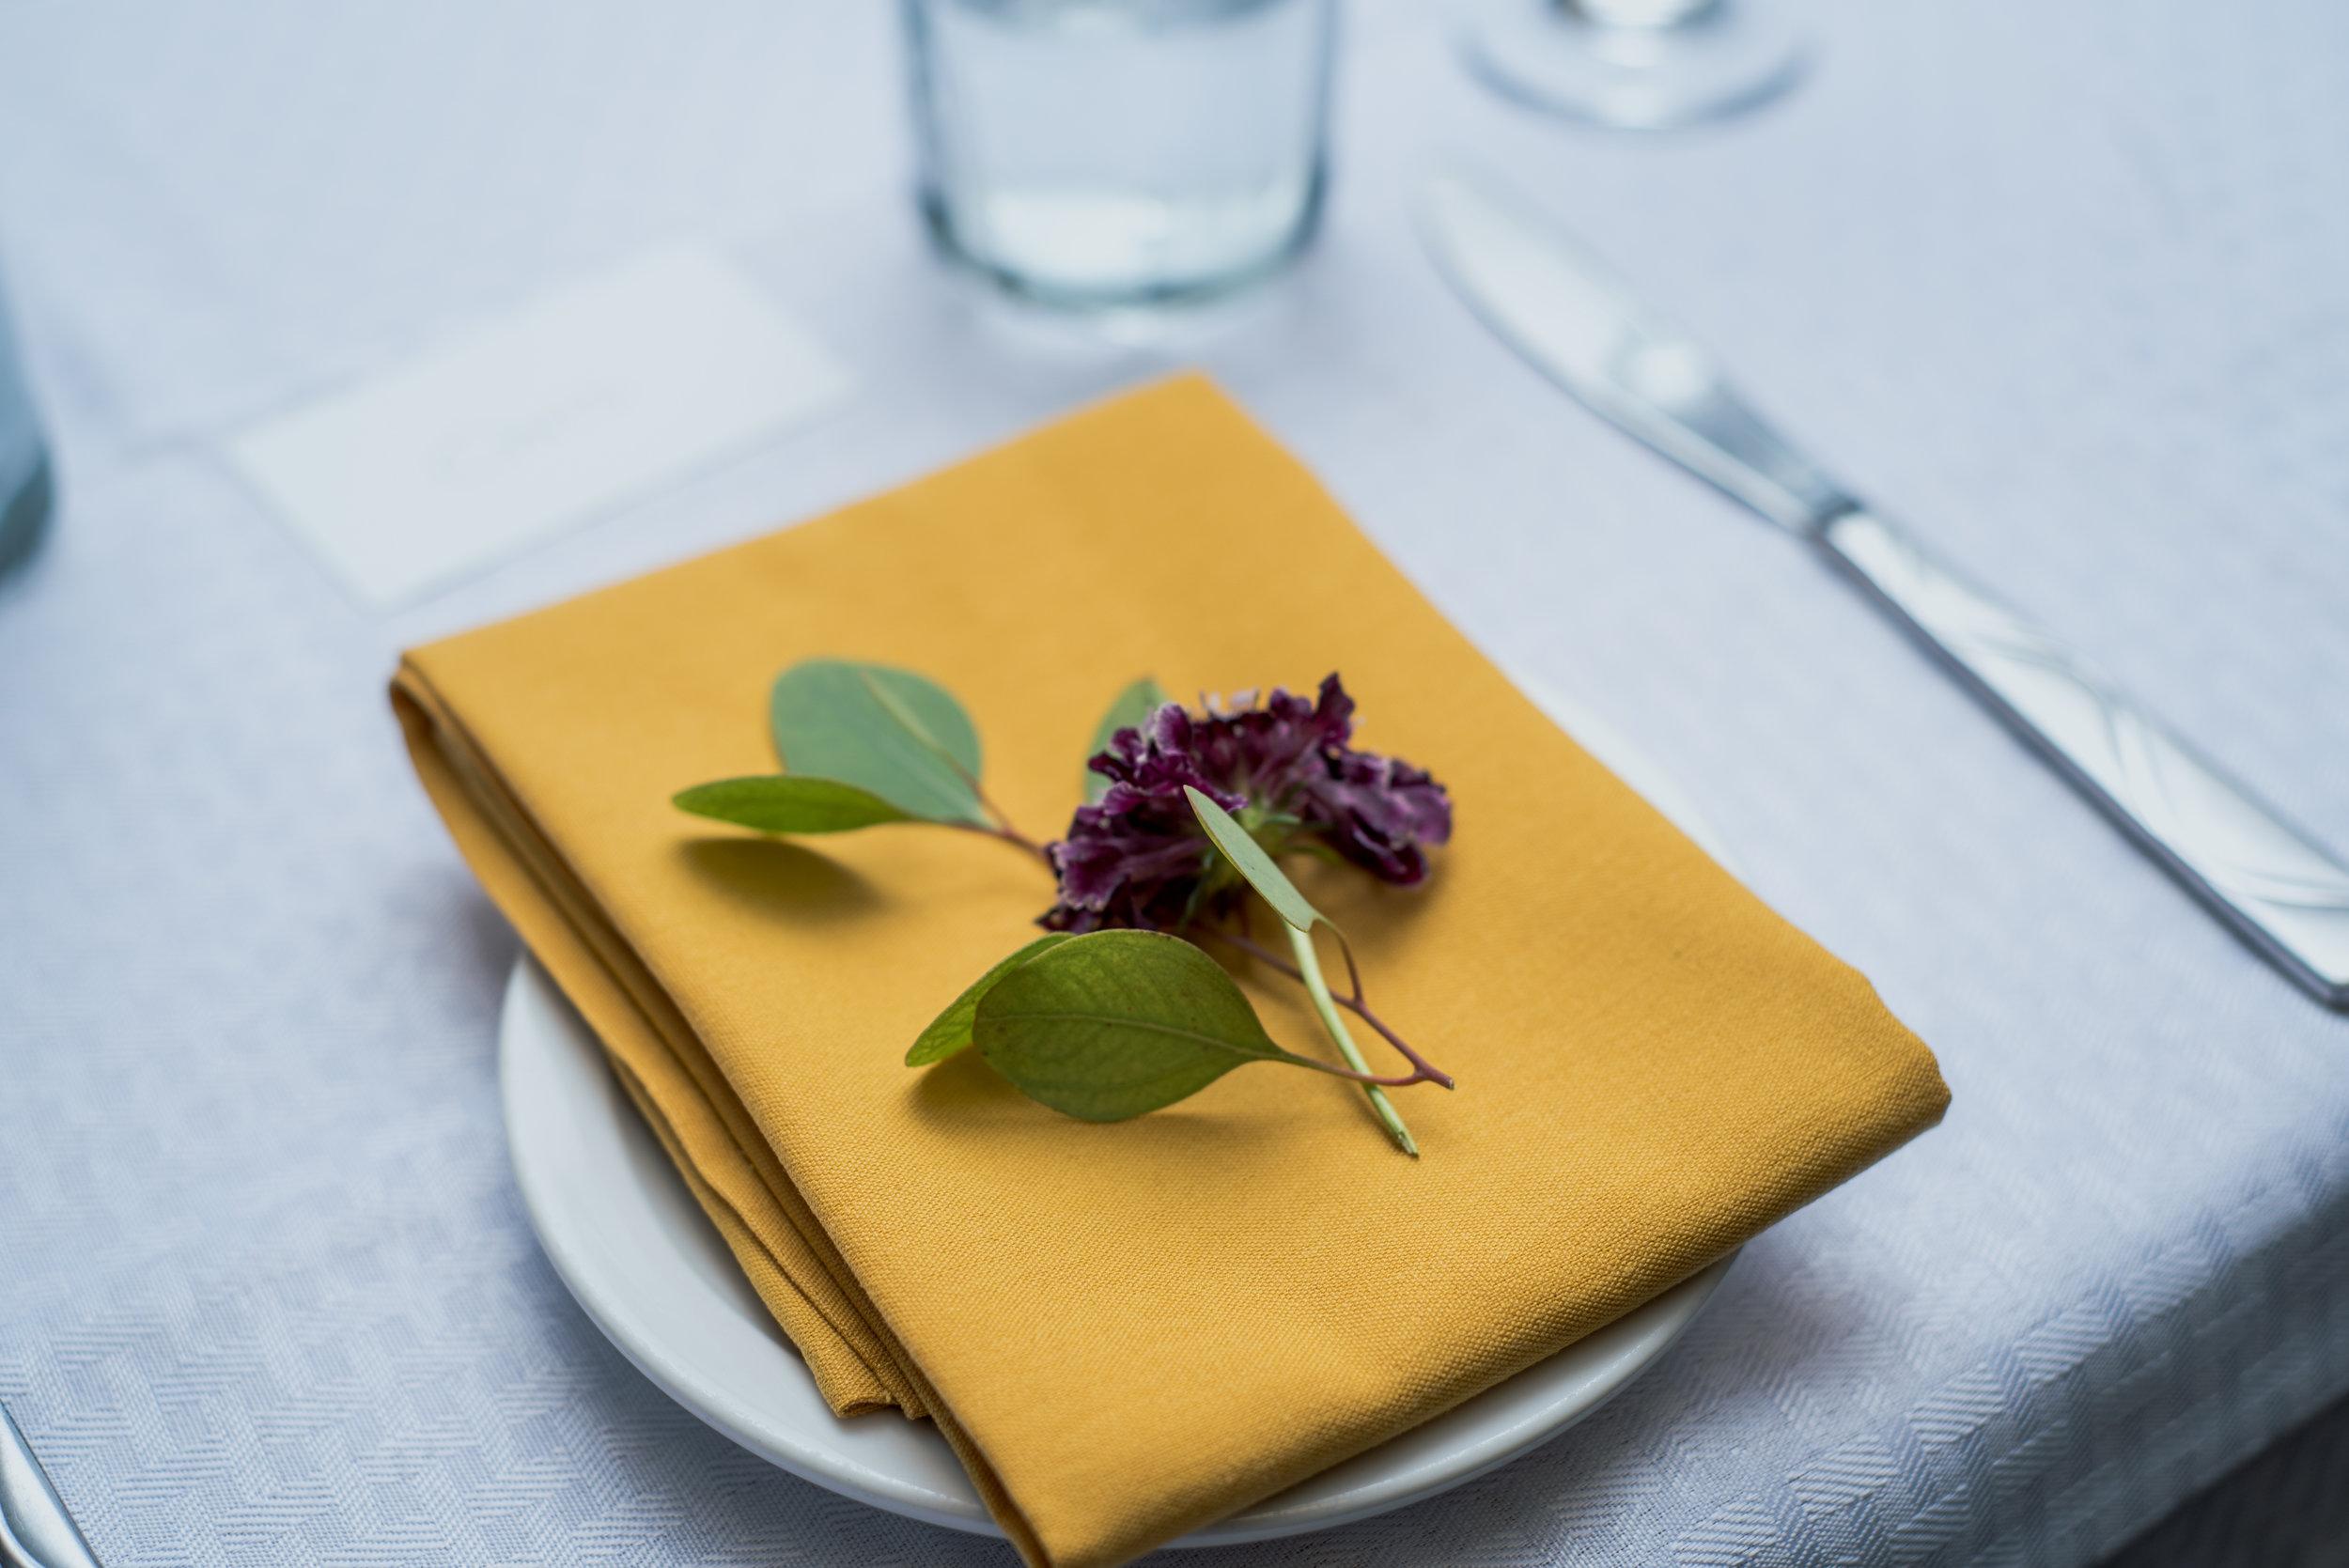 sequim-petrichor photo-elopement-desitination-pacific northwest-cross country-florist-washington-sublime stems-1.jpg